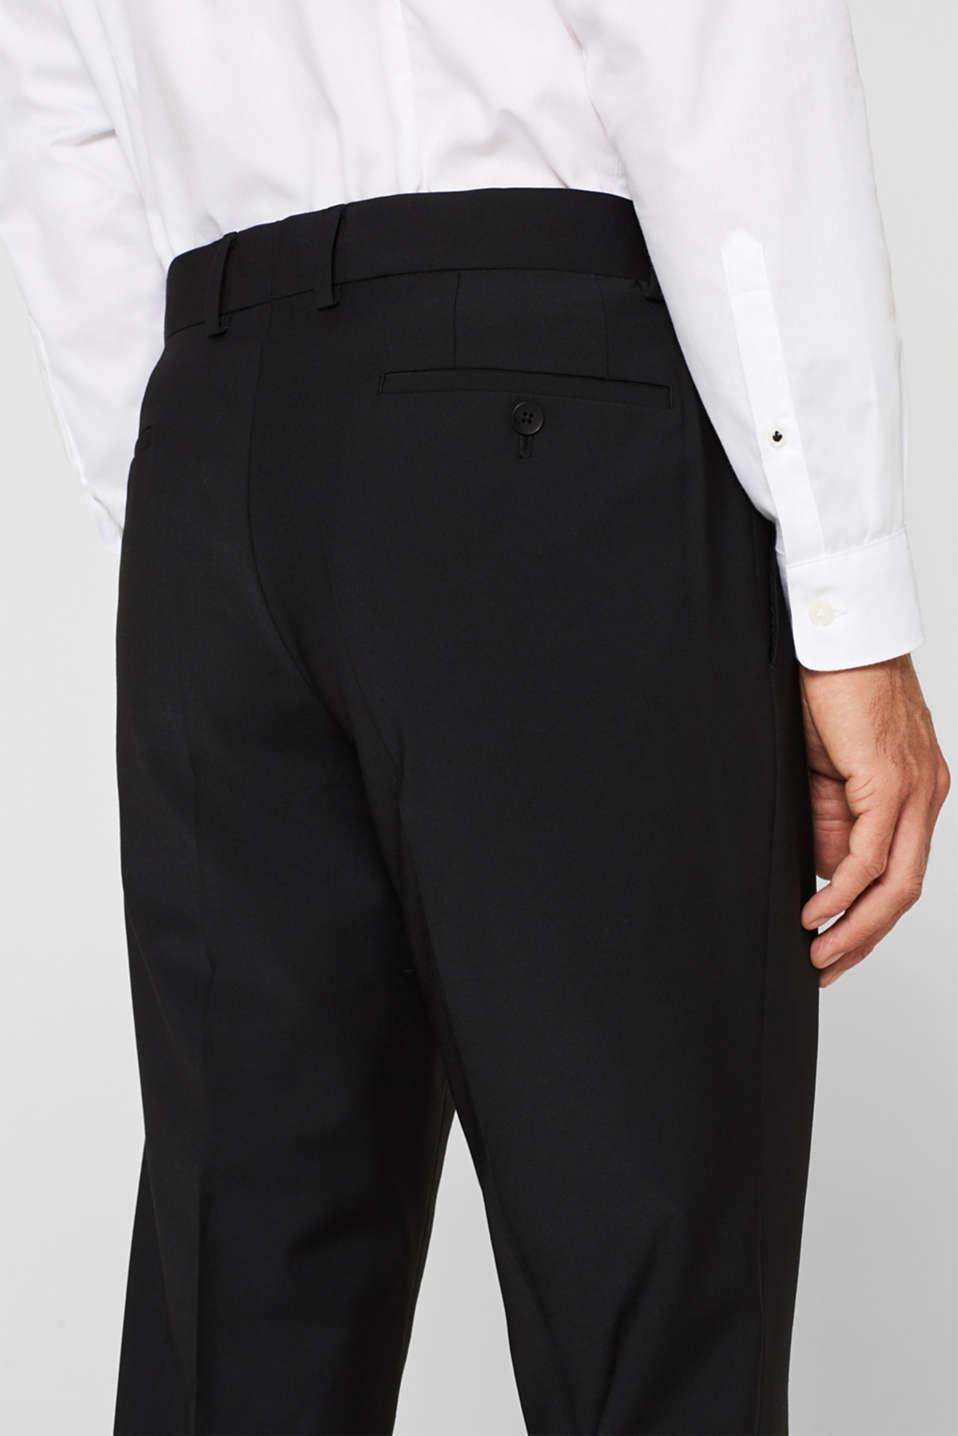 Pants suit, BLACK, detail image number 3